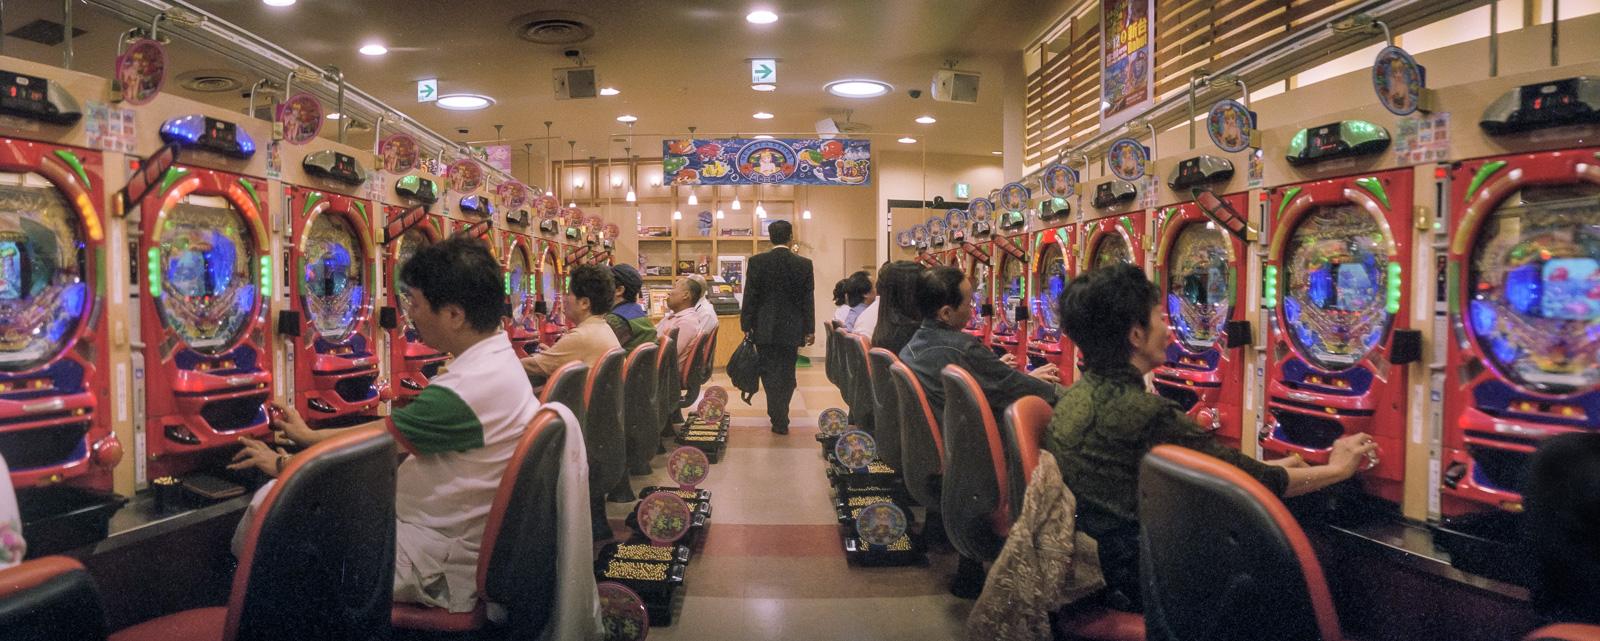 19-pachinko-kyoto.jpg